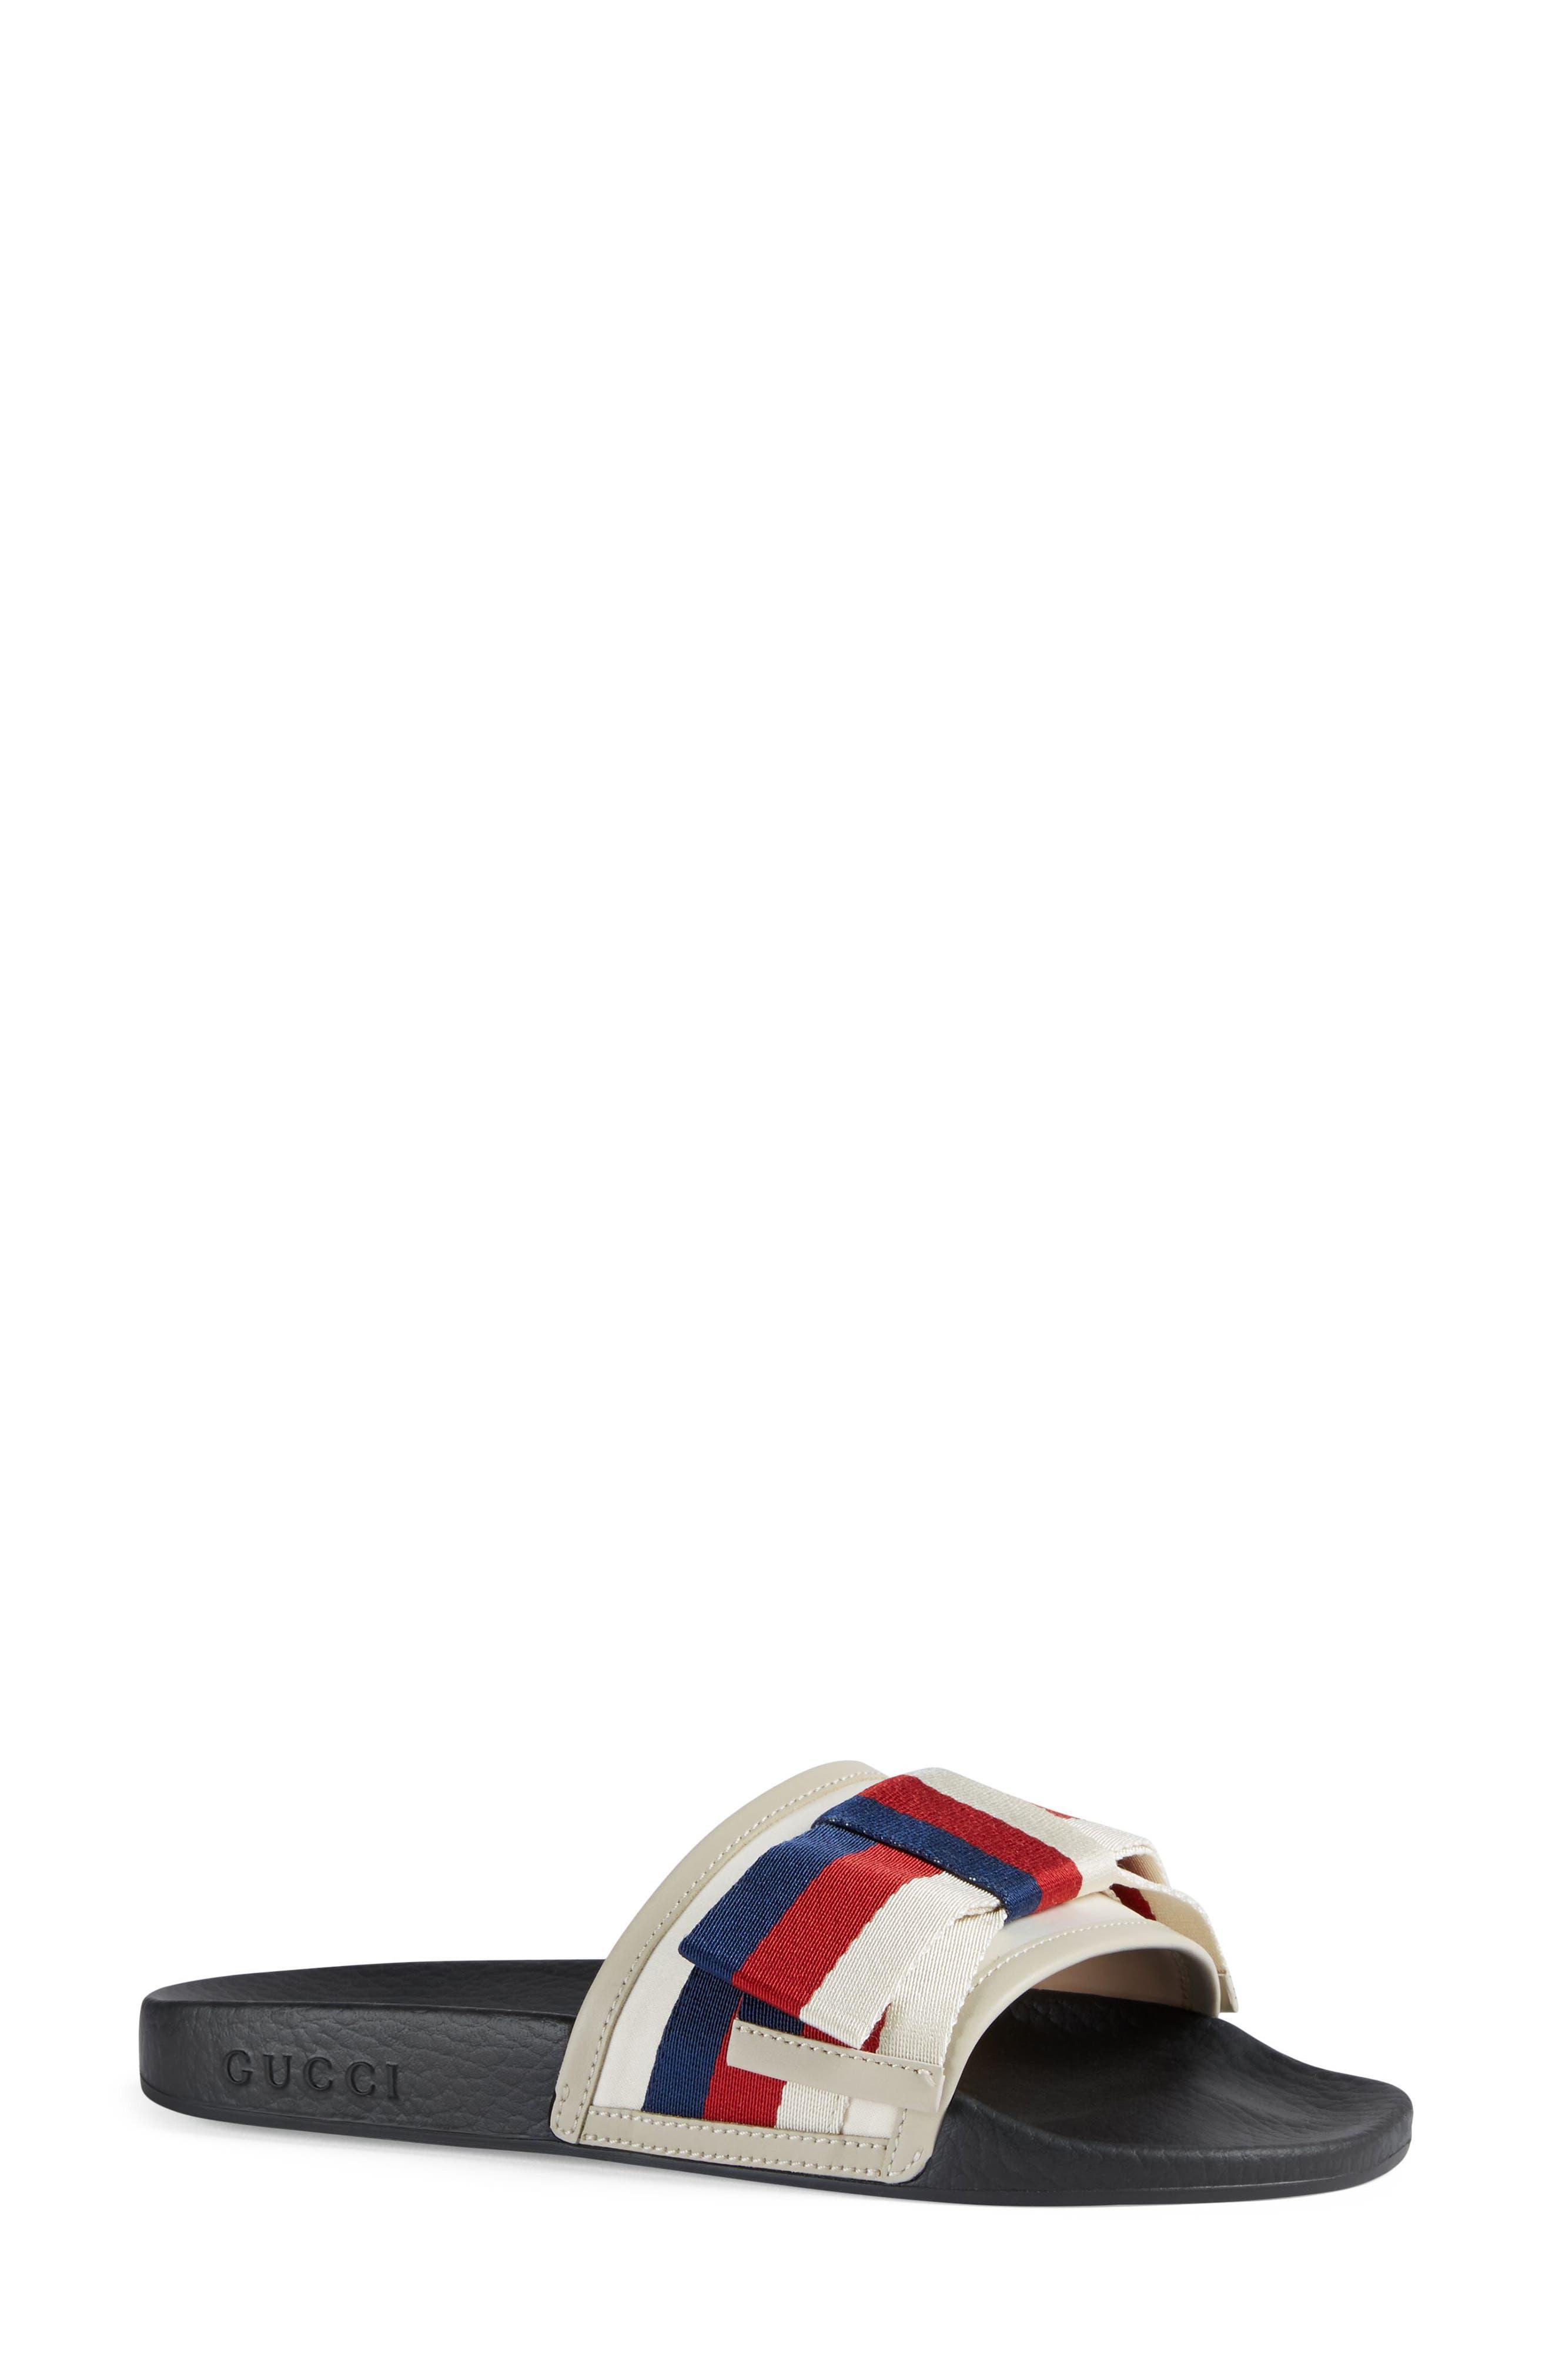 Gucci Pursuit Bow Slide Sandal (Women)